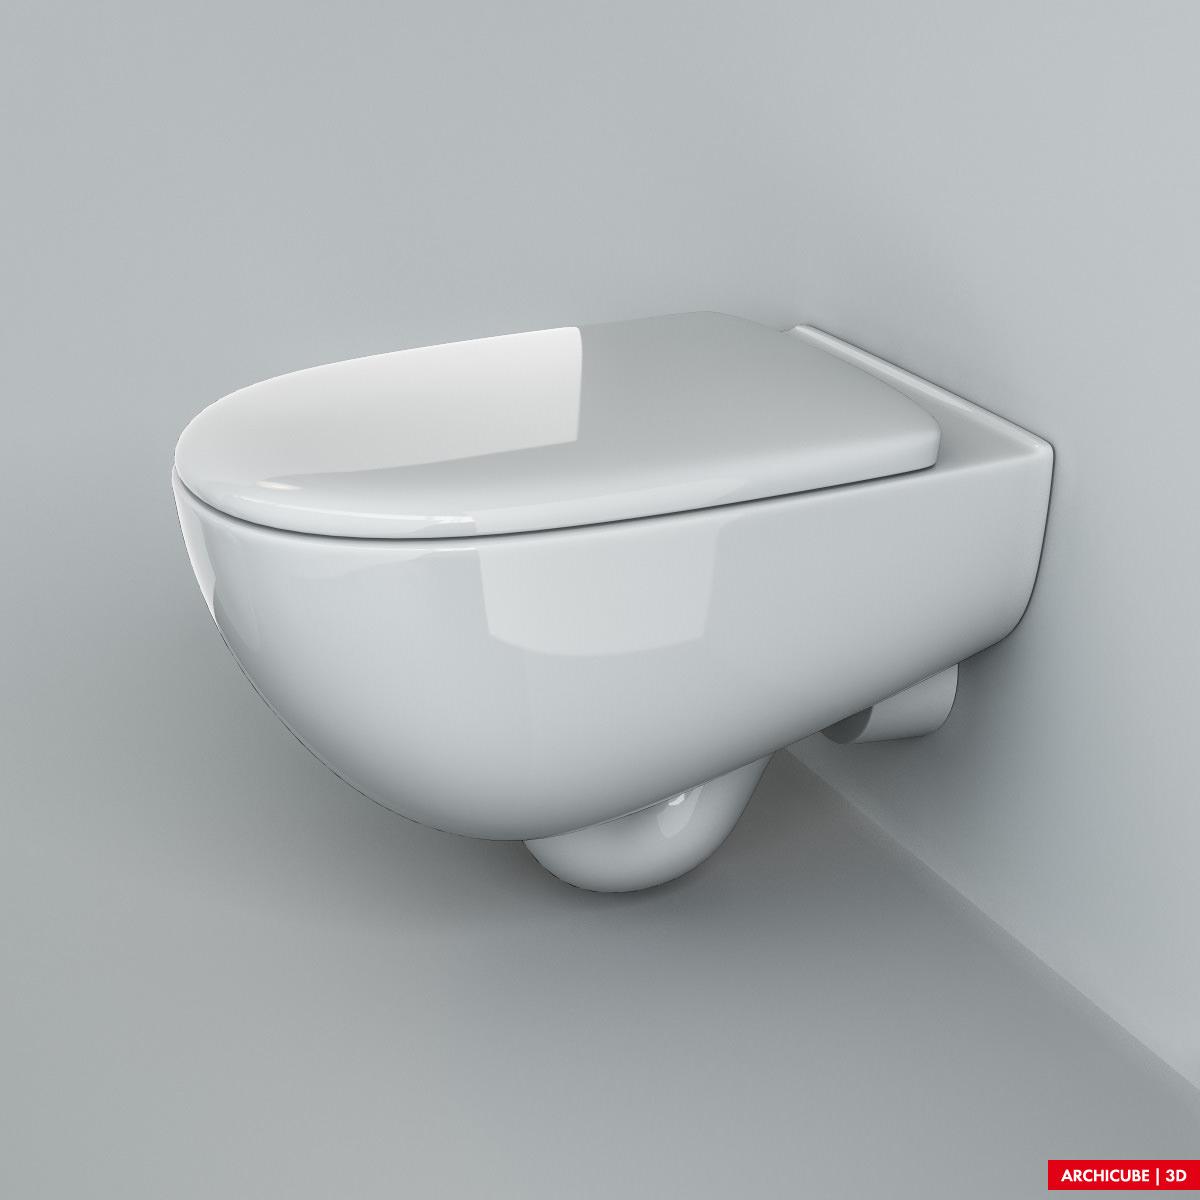 Toilet 07 3d model max obj fbx - Toilet model ...